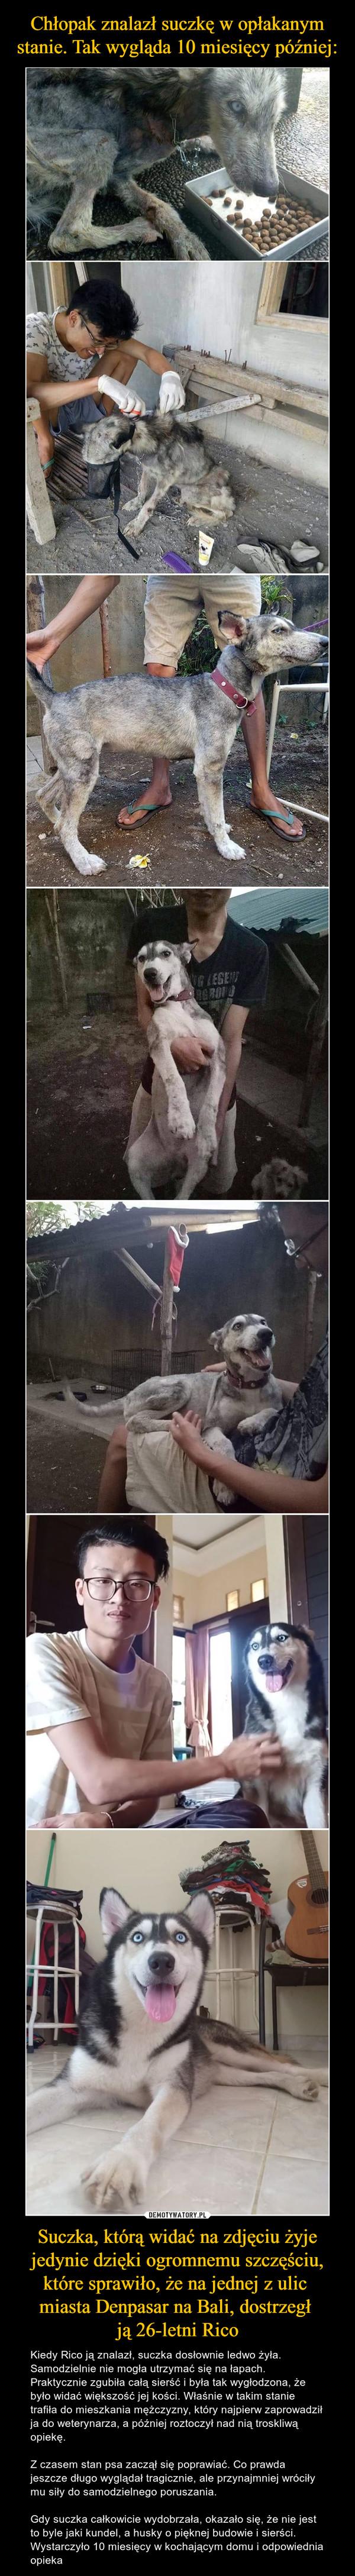 Suczka, którą widać na zdjęciu żyje jedynie dzięki ogromnemu szczęściu, które sprawiło, że na jednej z ulic miasta Denpasar na Bali, dostrzegł ją 26-letni Rico – Kiedy Rico ją znalazł, suczka dosłownie ledwo żyła. Samodzielnie nie mogła utrzymać się na łapach. Praktycznie zgubiła całą sierść i była tak wygłodzona, że było widać większość jej kości. Właśnie w takim stanie trafiła do mieszkania mężczyzny, który najpierw zaprowadził ja do weterynarza, a później roztoczył nad nią troskliwą opiekę.Z czasem stan psa zaczął się poprawiać. Co prawda jeszcze długo wyglądał tragicznie, ale przynajmniej wróciły mu siły do samodzielnego poruszania.Gdy suczka całkowicie wydobrzała, okazało się, że nie jest to byle jaki kundel, a husky o pięknej budowie i sierści. Wystarczyło 10 miesięcy w kochającym domu i odpowiednia opieka